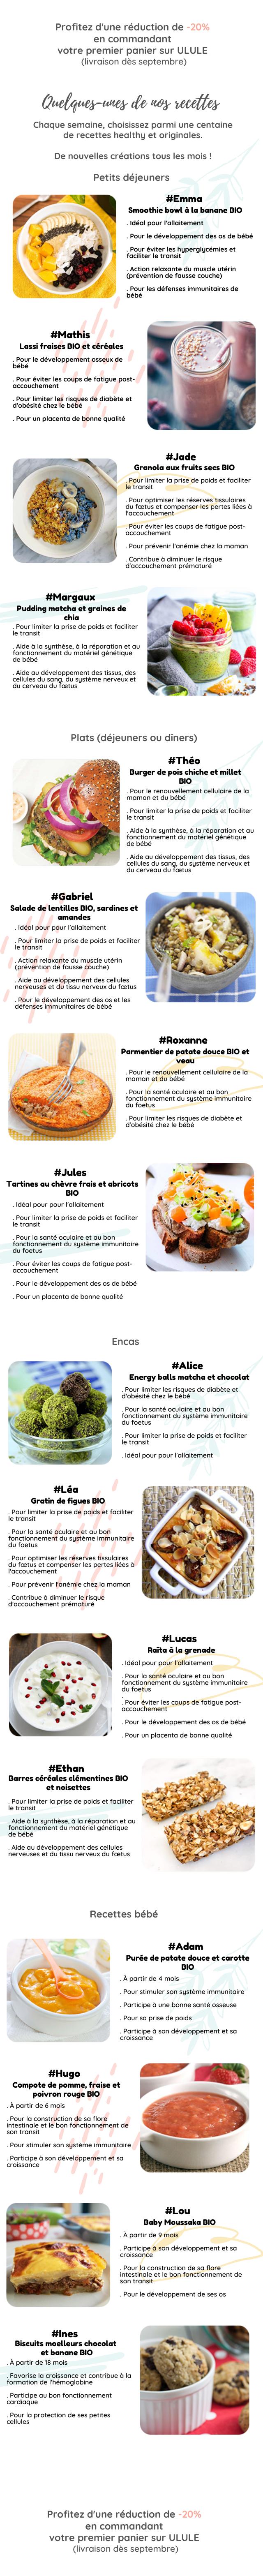 Profitez Quelques-unes de nos recette de #Mathis #Jade #Margaux Plats #Gabriel #Lucas #Ethan Recettes #Adam #Hugo #Lou votre premier